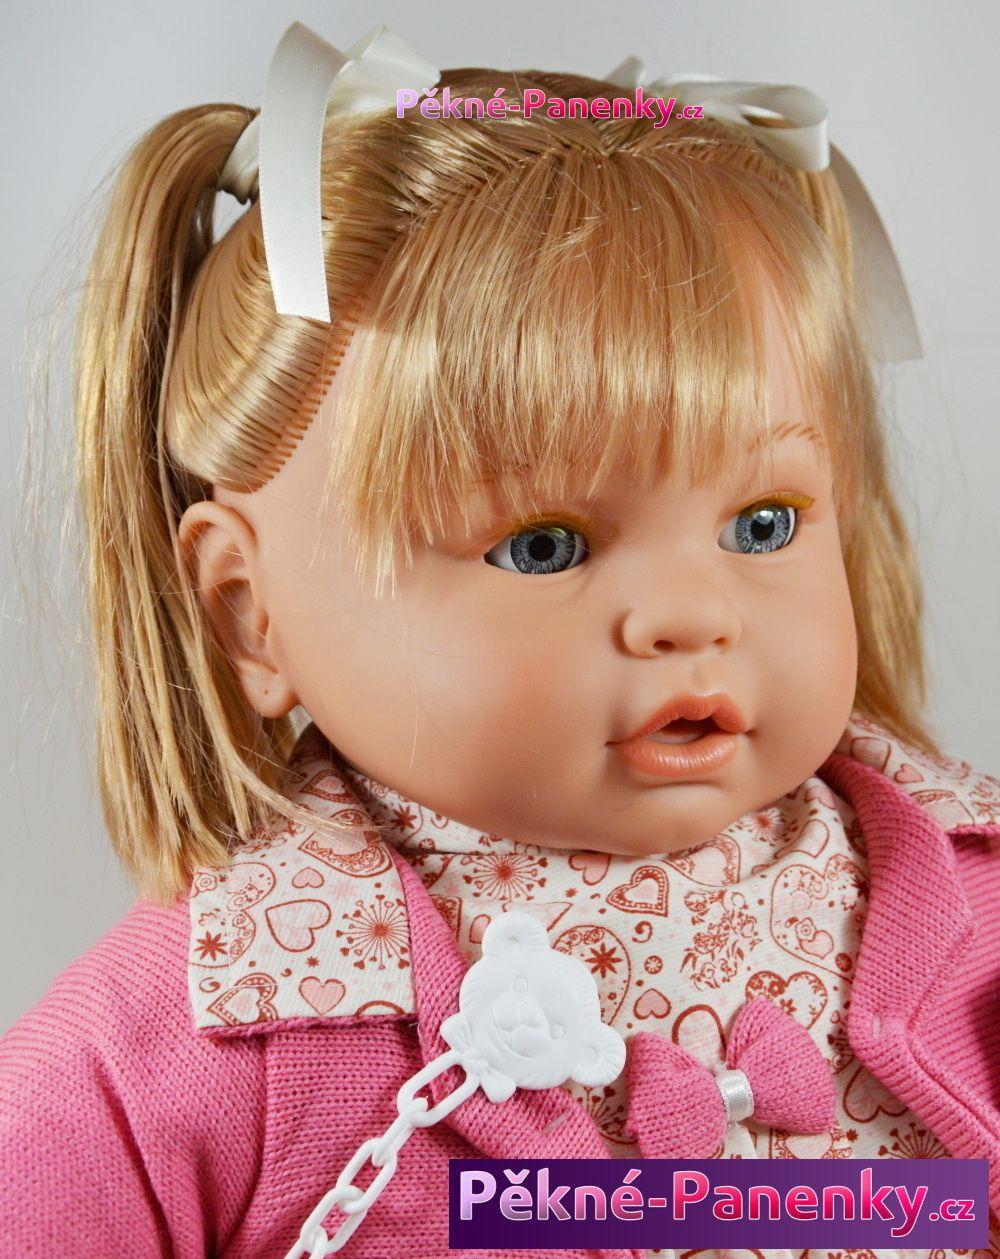 originalní španělské panenky pro děti velká vlasatá a plačící panenka s mrkacíma očima Berbesa mluvící panenky ze Španělska pro děti